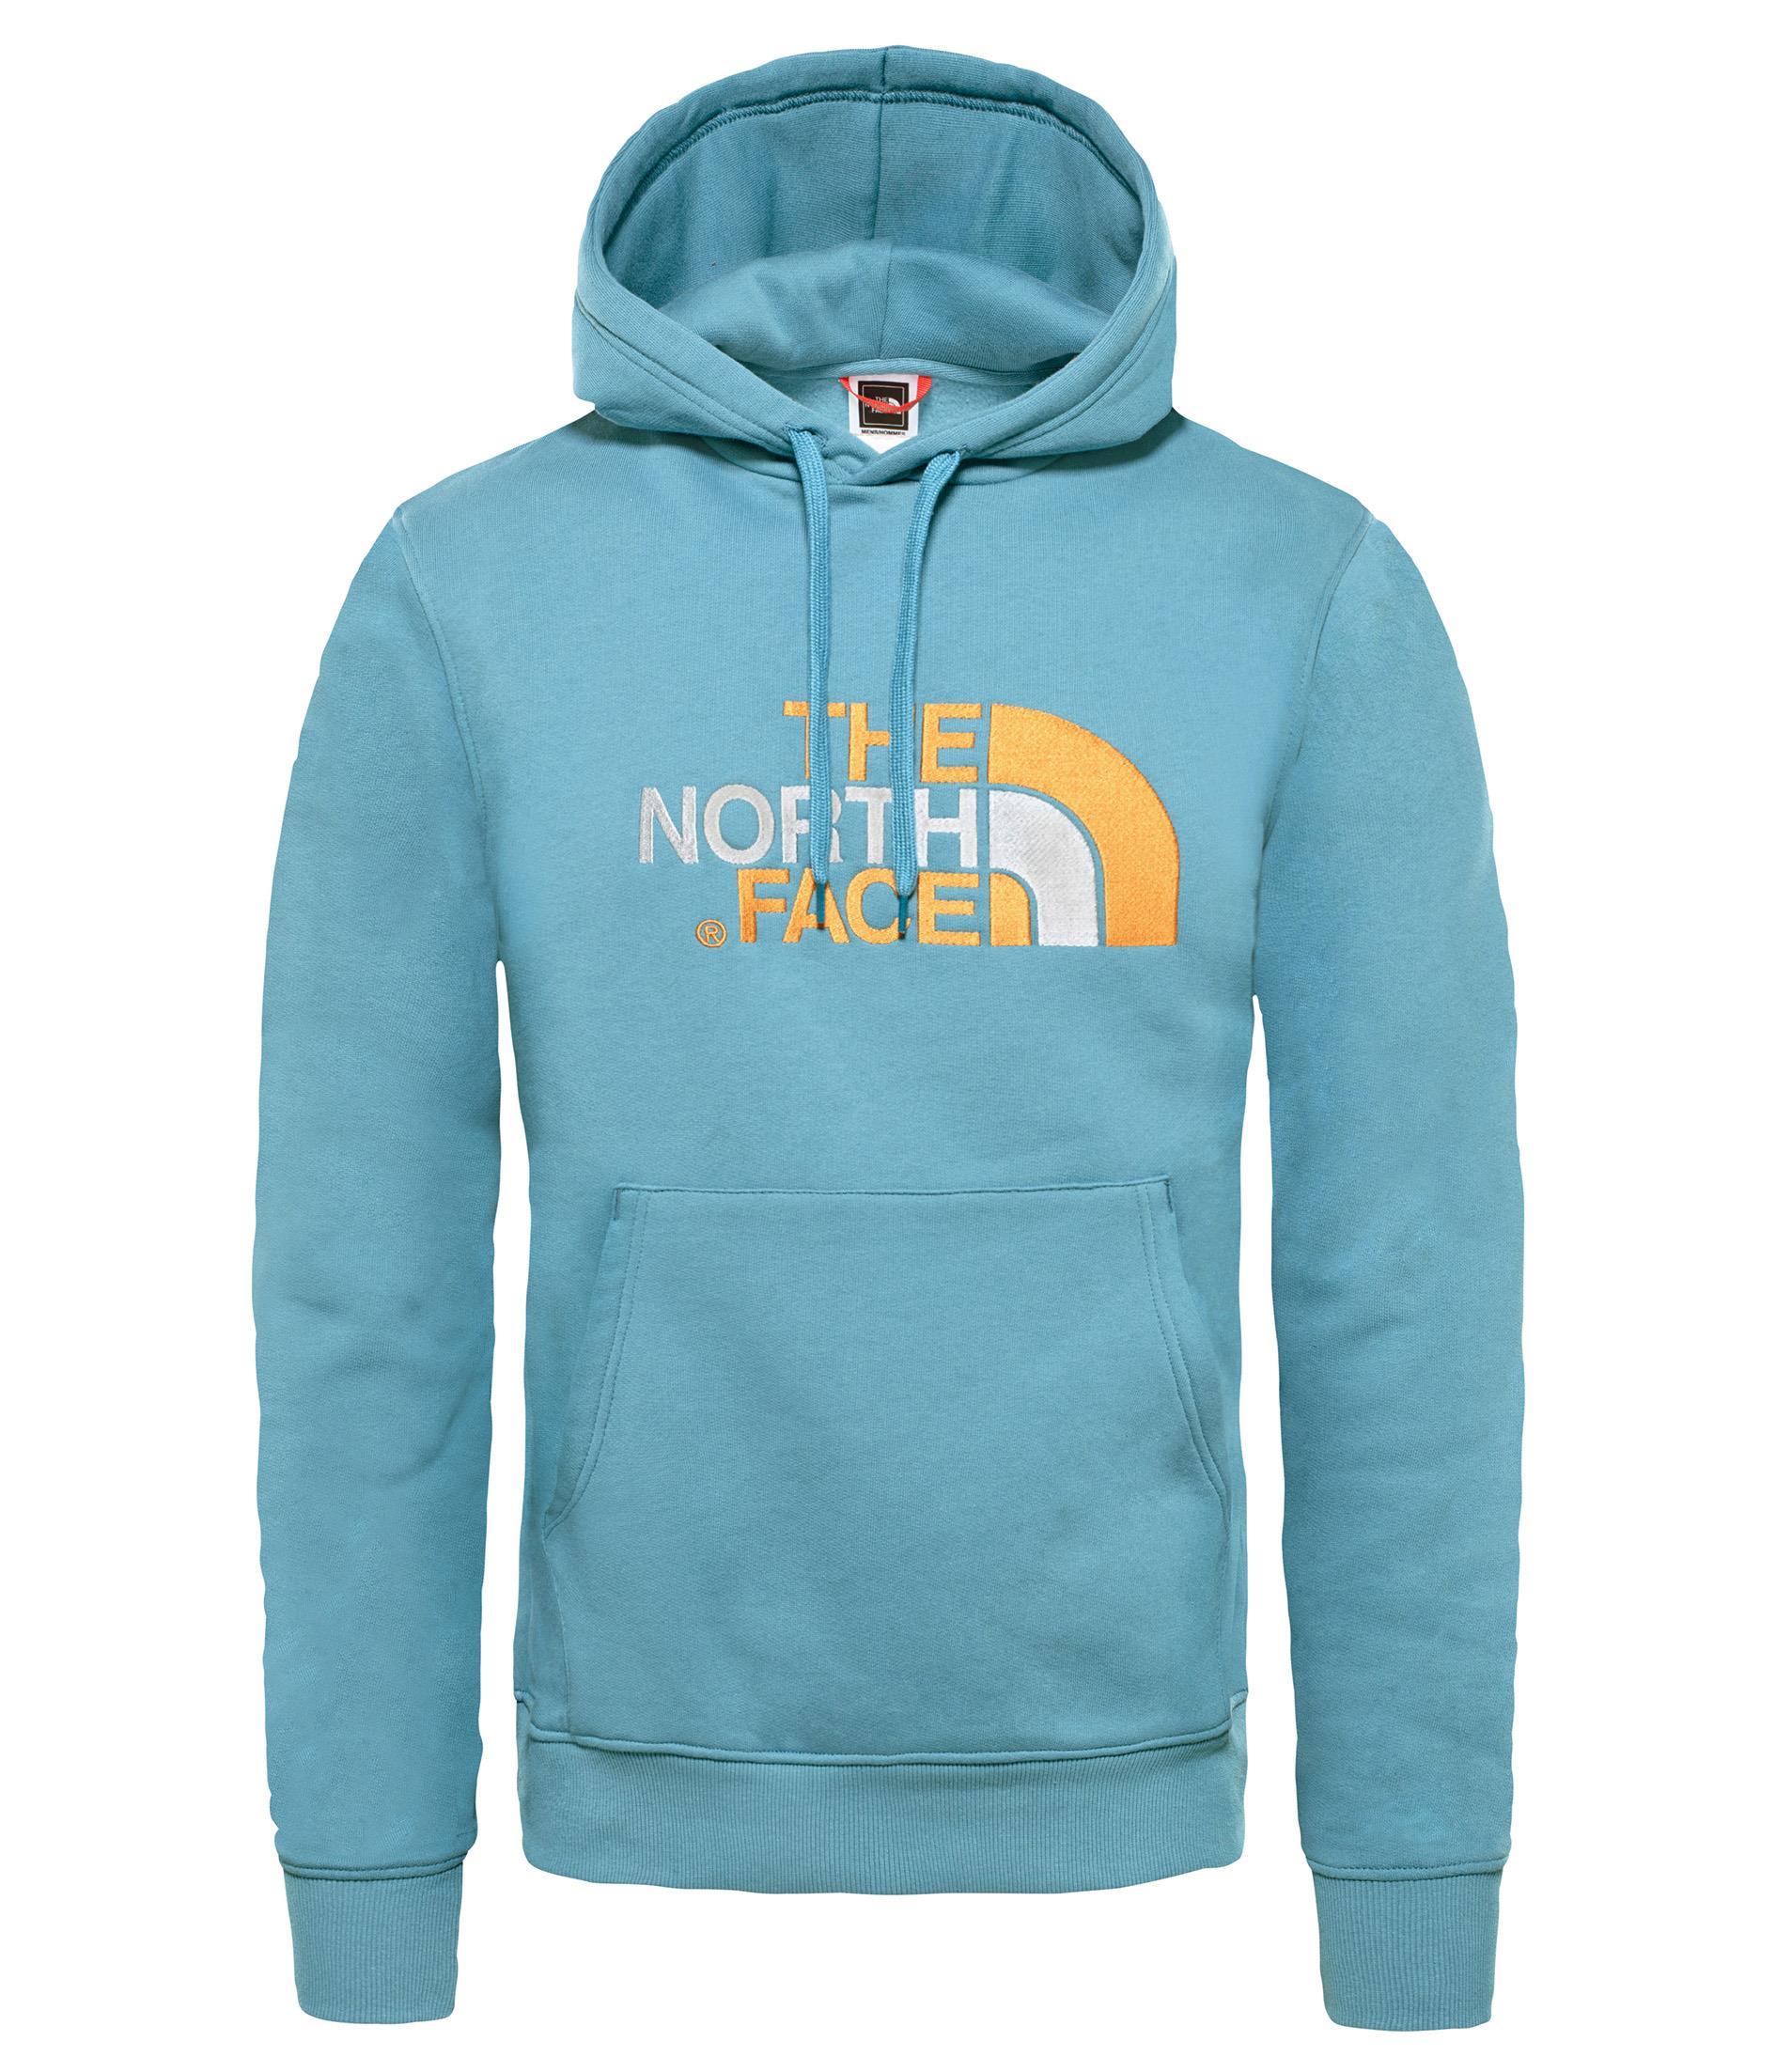 The Northface Erkek Drew Peak Pullover Hoodie - Eu T0Ahjy4Y3 Sweatshirt